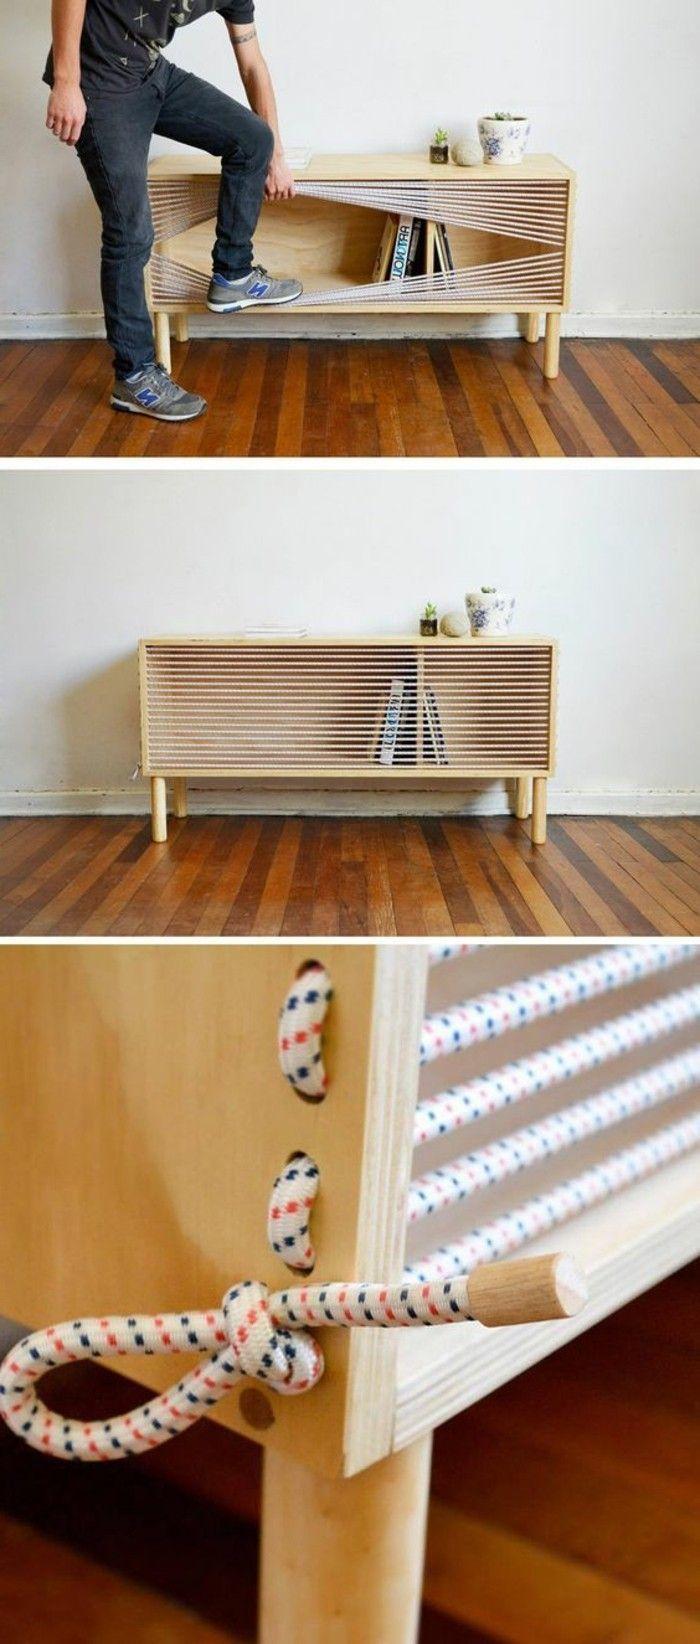 DIY Möbel: Ideen und Vorschläge, die Sie inspirieren können #diymöbel